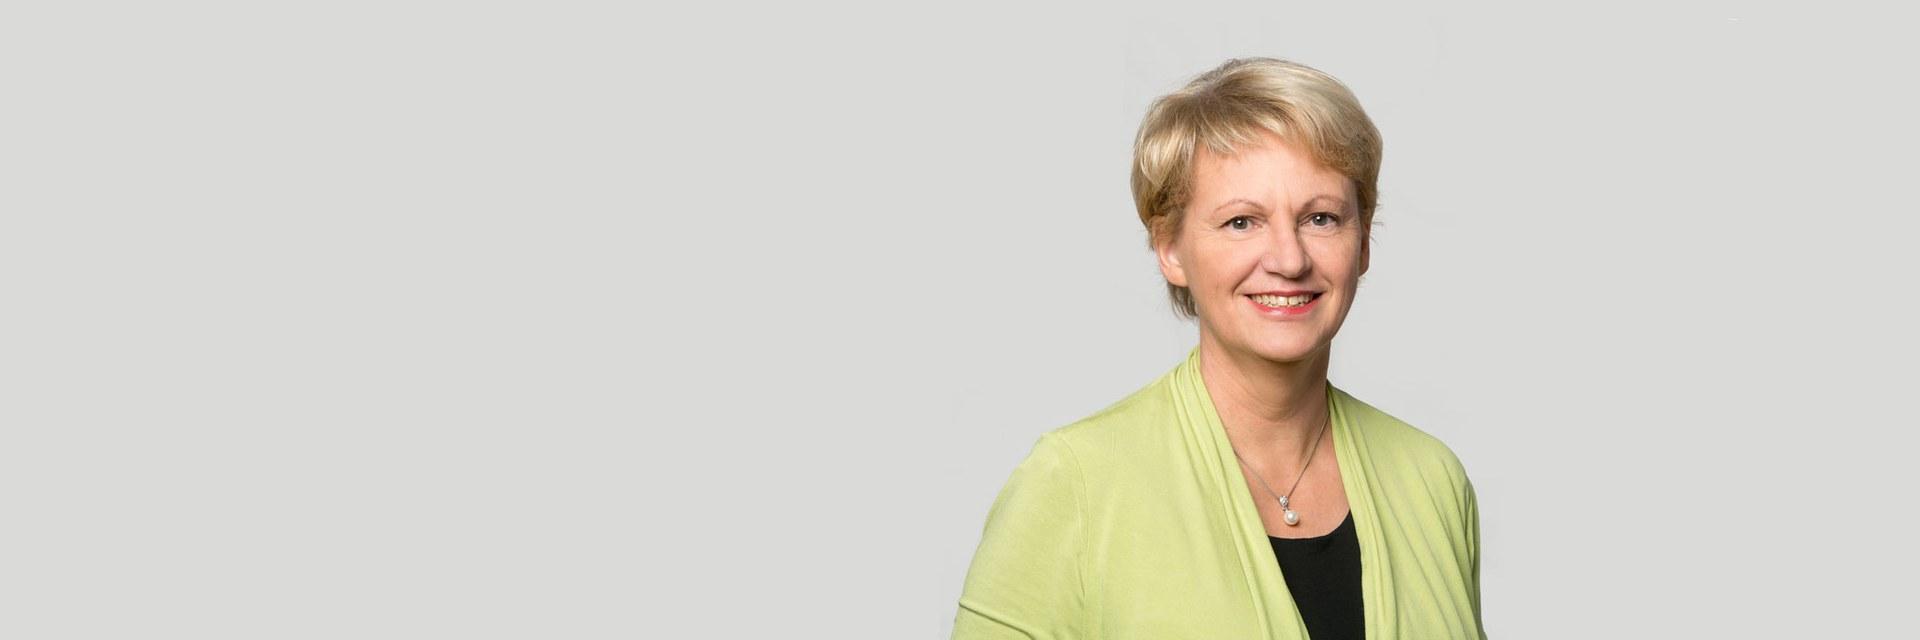 Gabriela Rüegg-Saupper